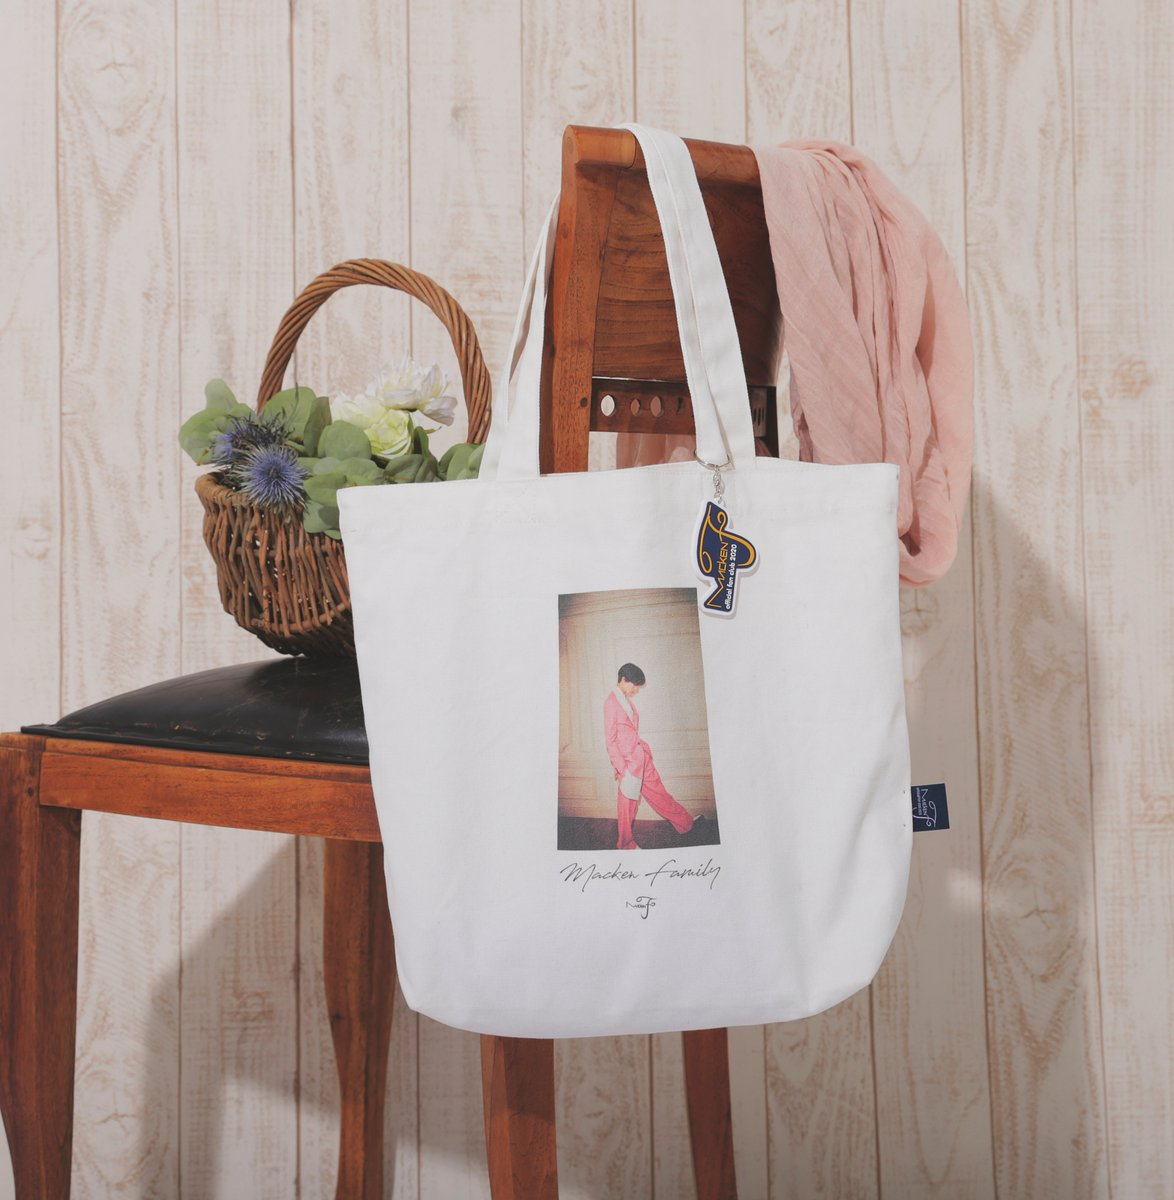 【プリントトートバッグ】皆さんこんにちは!#レジ袋 の有料化が始まりましたね。#mackenfamily 限定グッズに #トートバッグ があるのはご存知ですか?サブバッグやエコバッグとしてご活用ください♪ご購入は👉ご入会は▶️#真剣佑#新田真剣佑